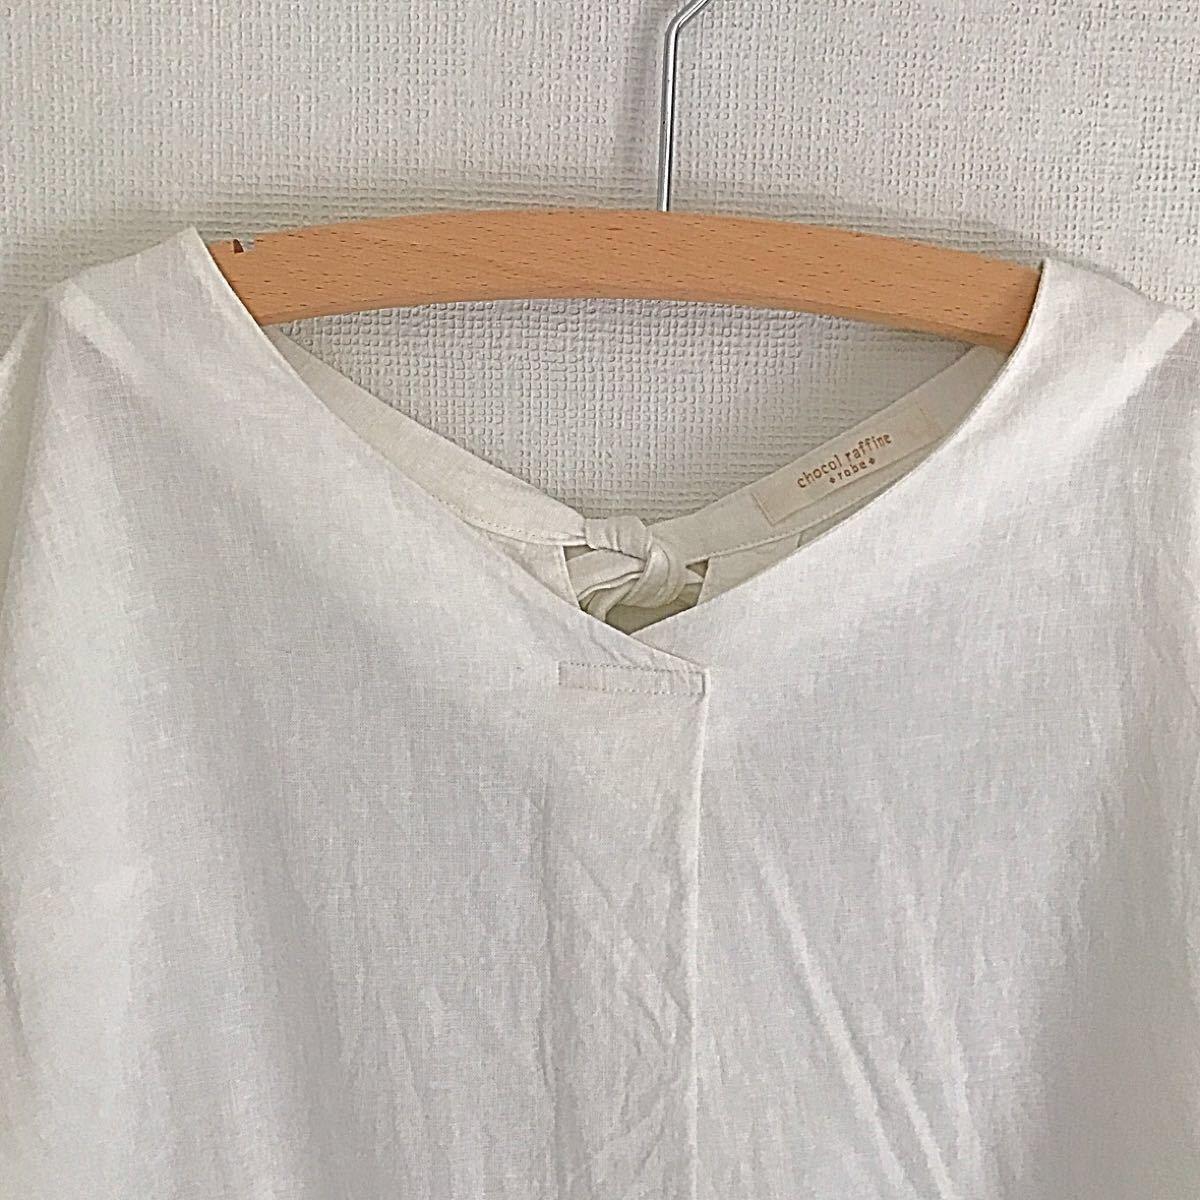 ショコラフィネローブ ブラウス Tシャツ フリーサイズ 値下げ